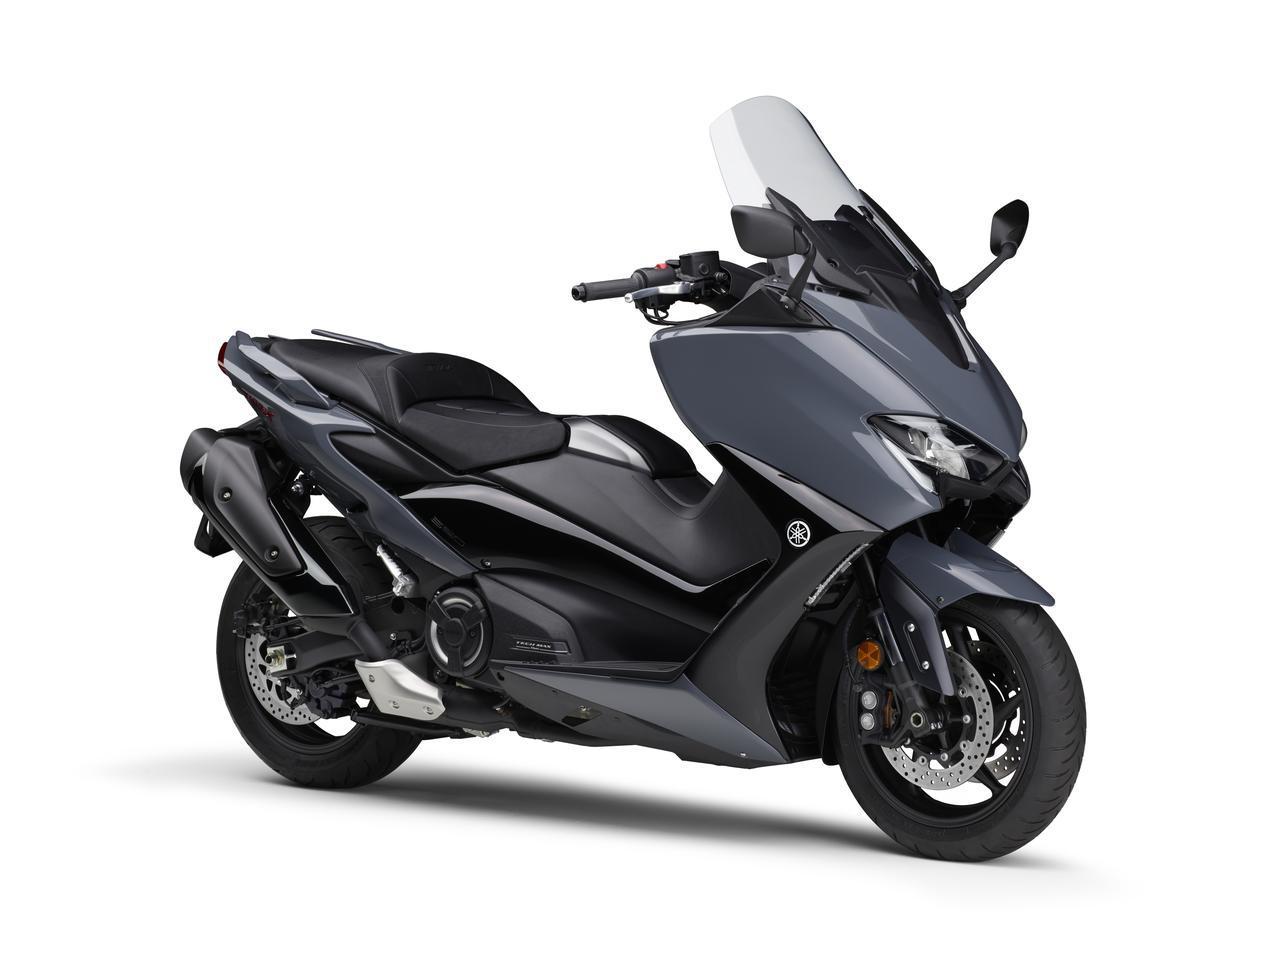 画像3: ヤマハが「TMAX560 テックマックス」の2021年モデルを発売! 新色はパステルダークグレー、人気カラー投票実施中